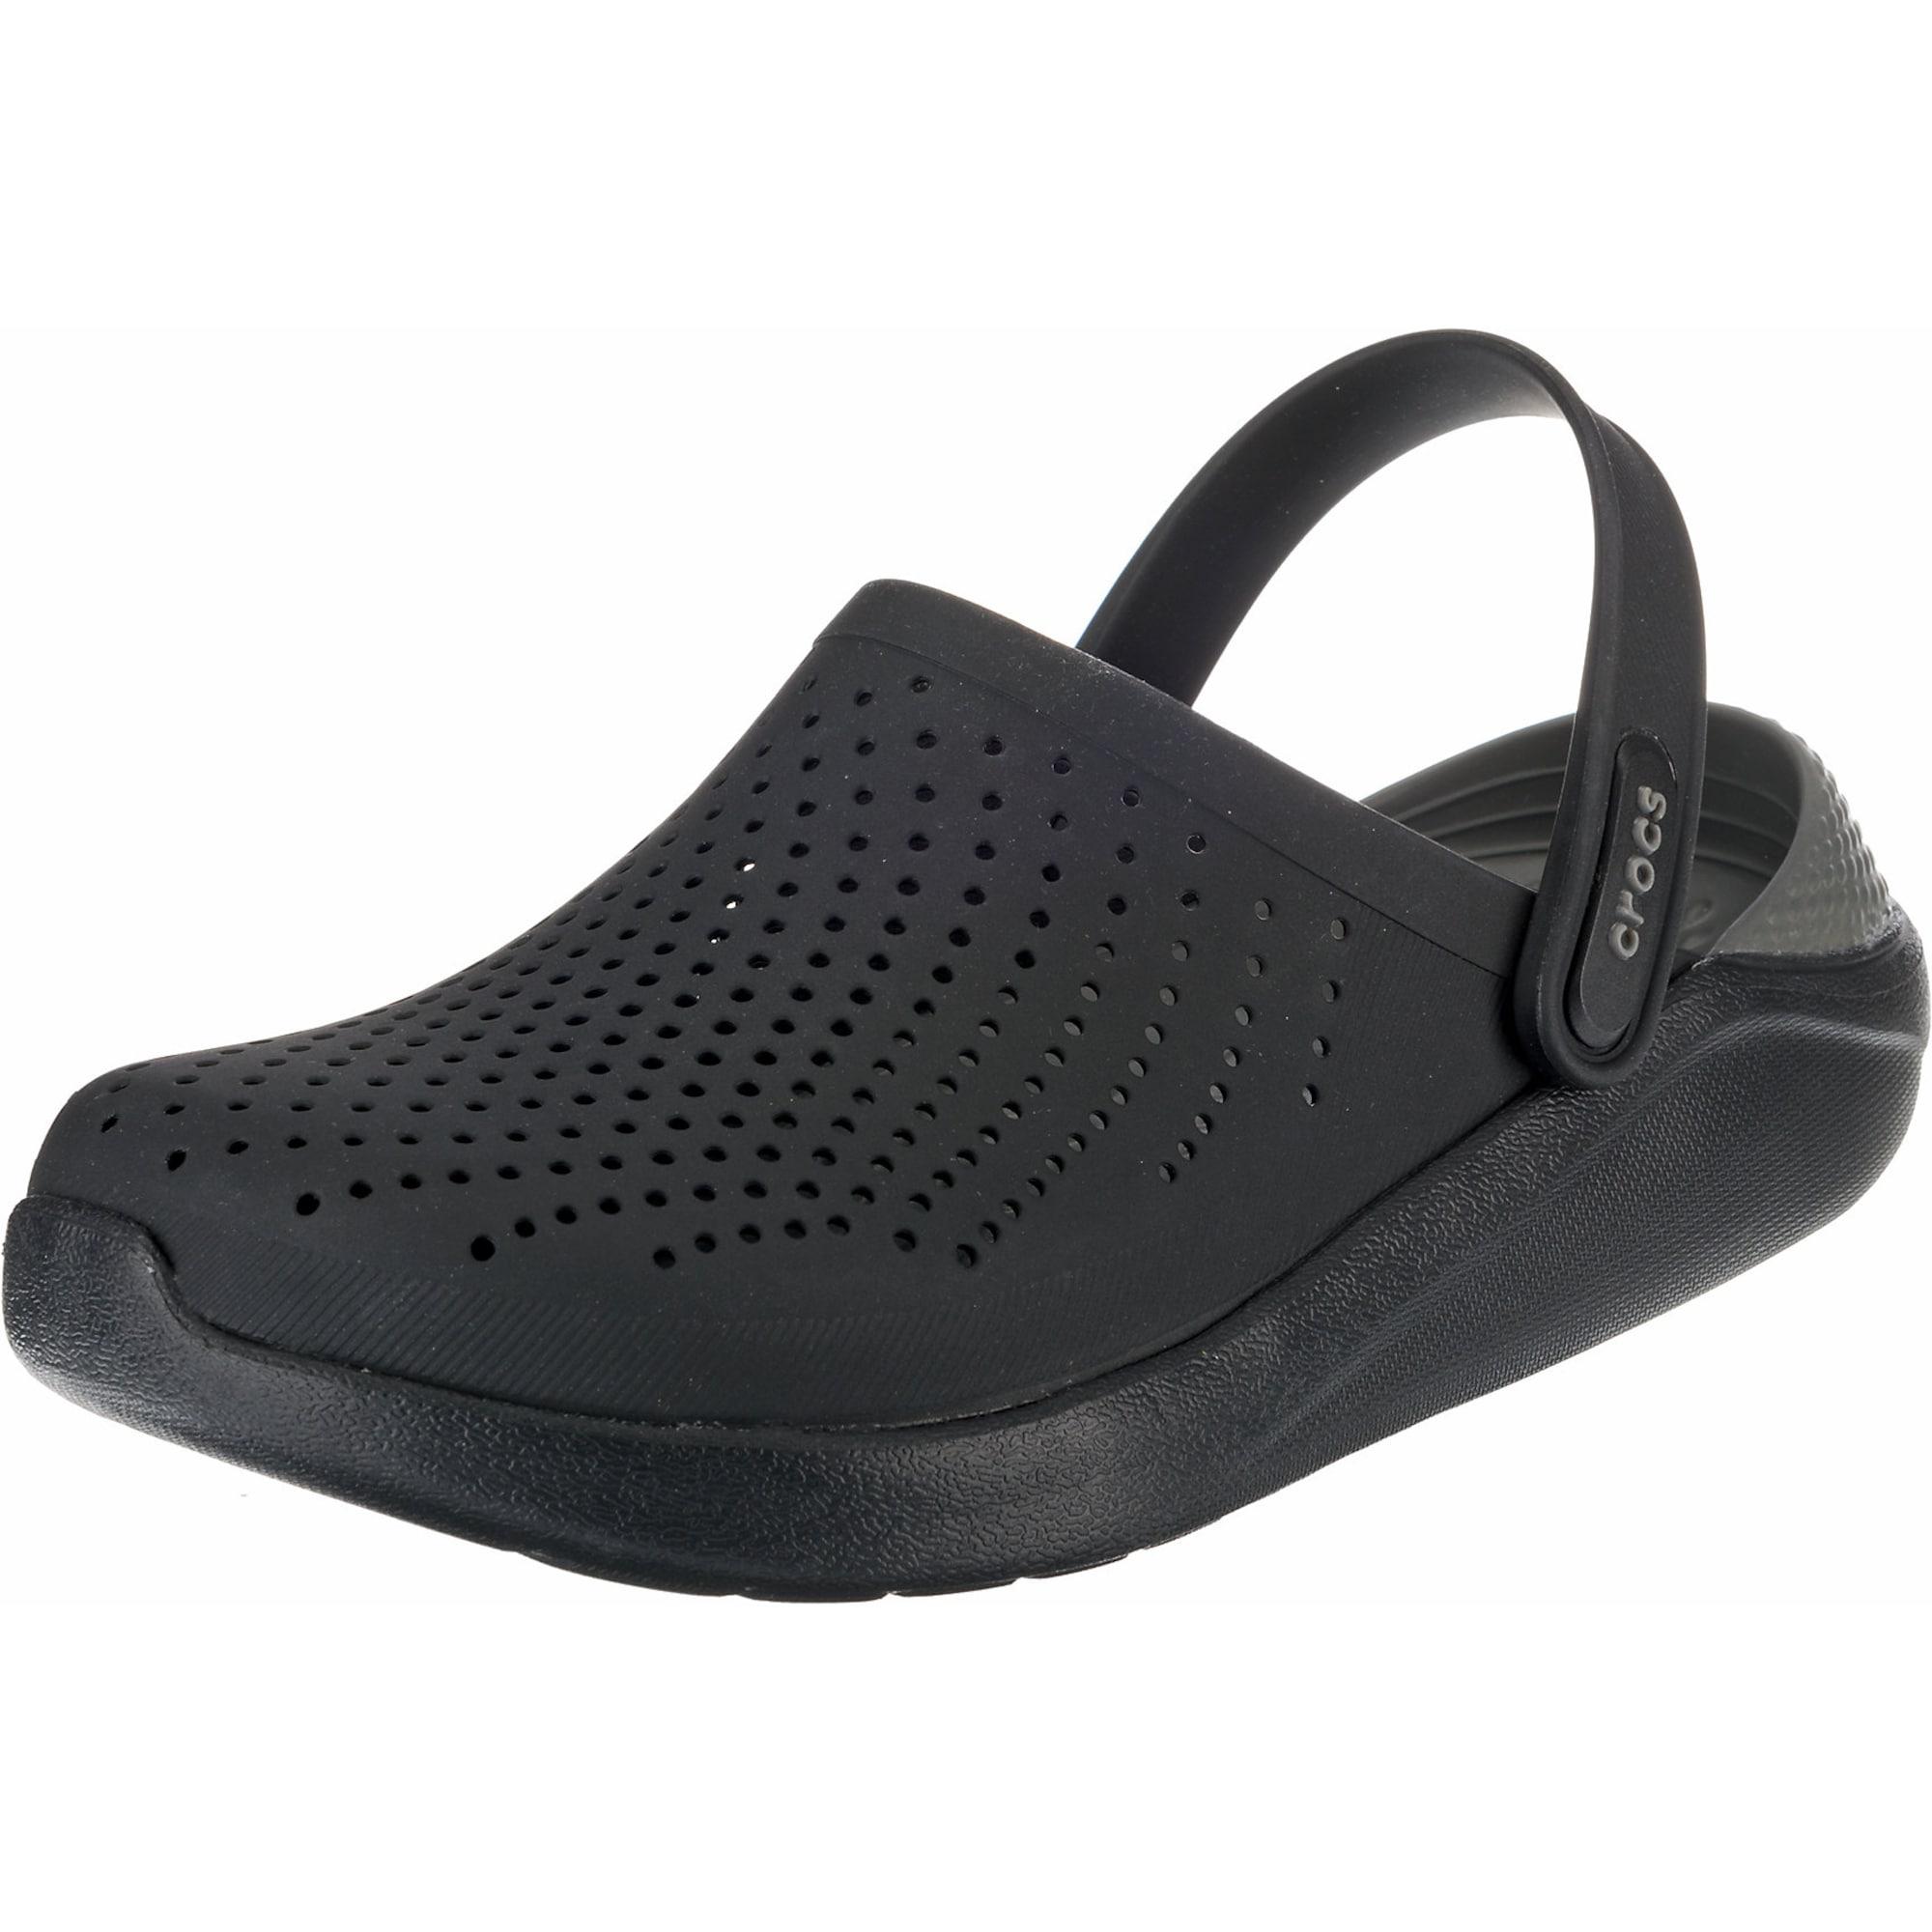 Clogs 'LiteRide Clog Blk/SGy'   Schuhe > Clogs & Pantoletten > Clogs   Crocs